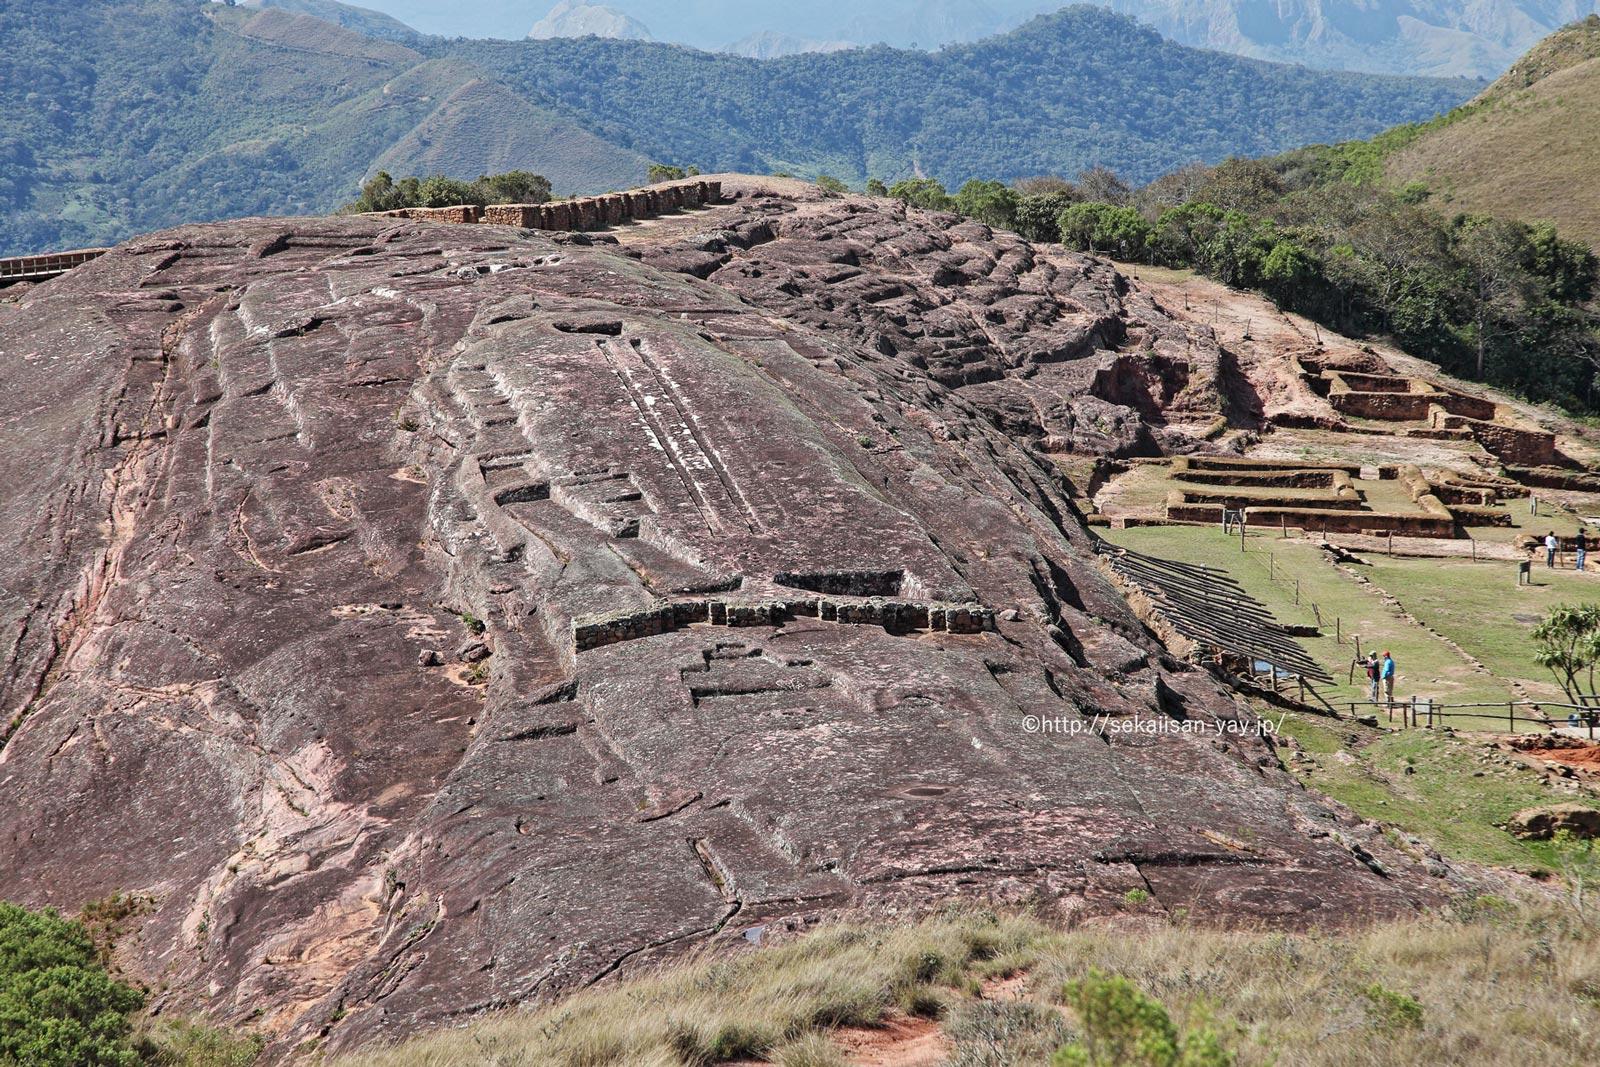 ボリビア「チキトスのイエズス会伝道施設群」